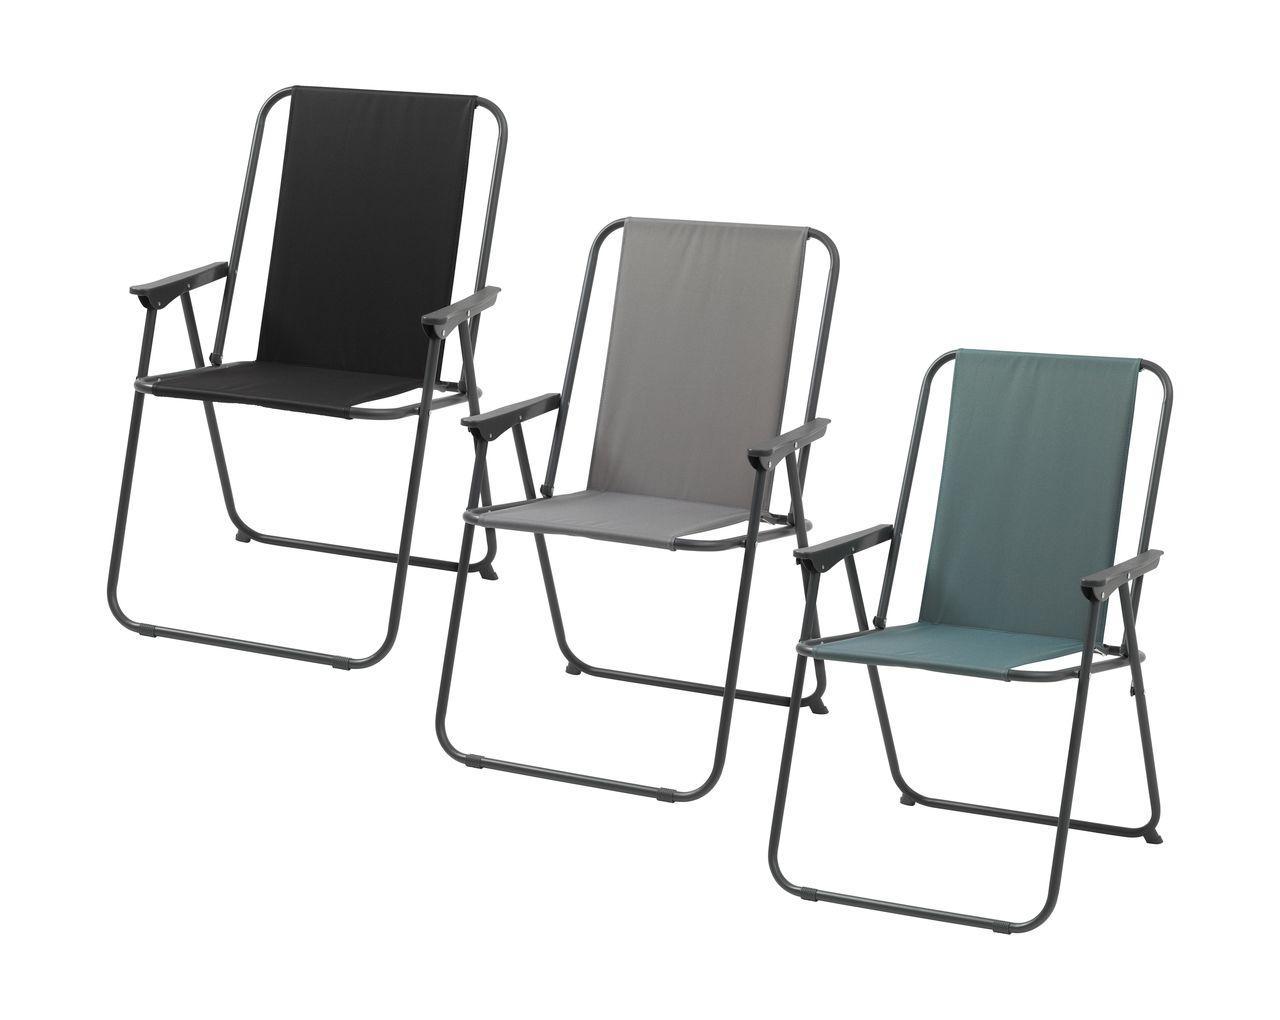 Садовый стул складной тканевый с подлокотниками